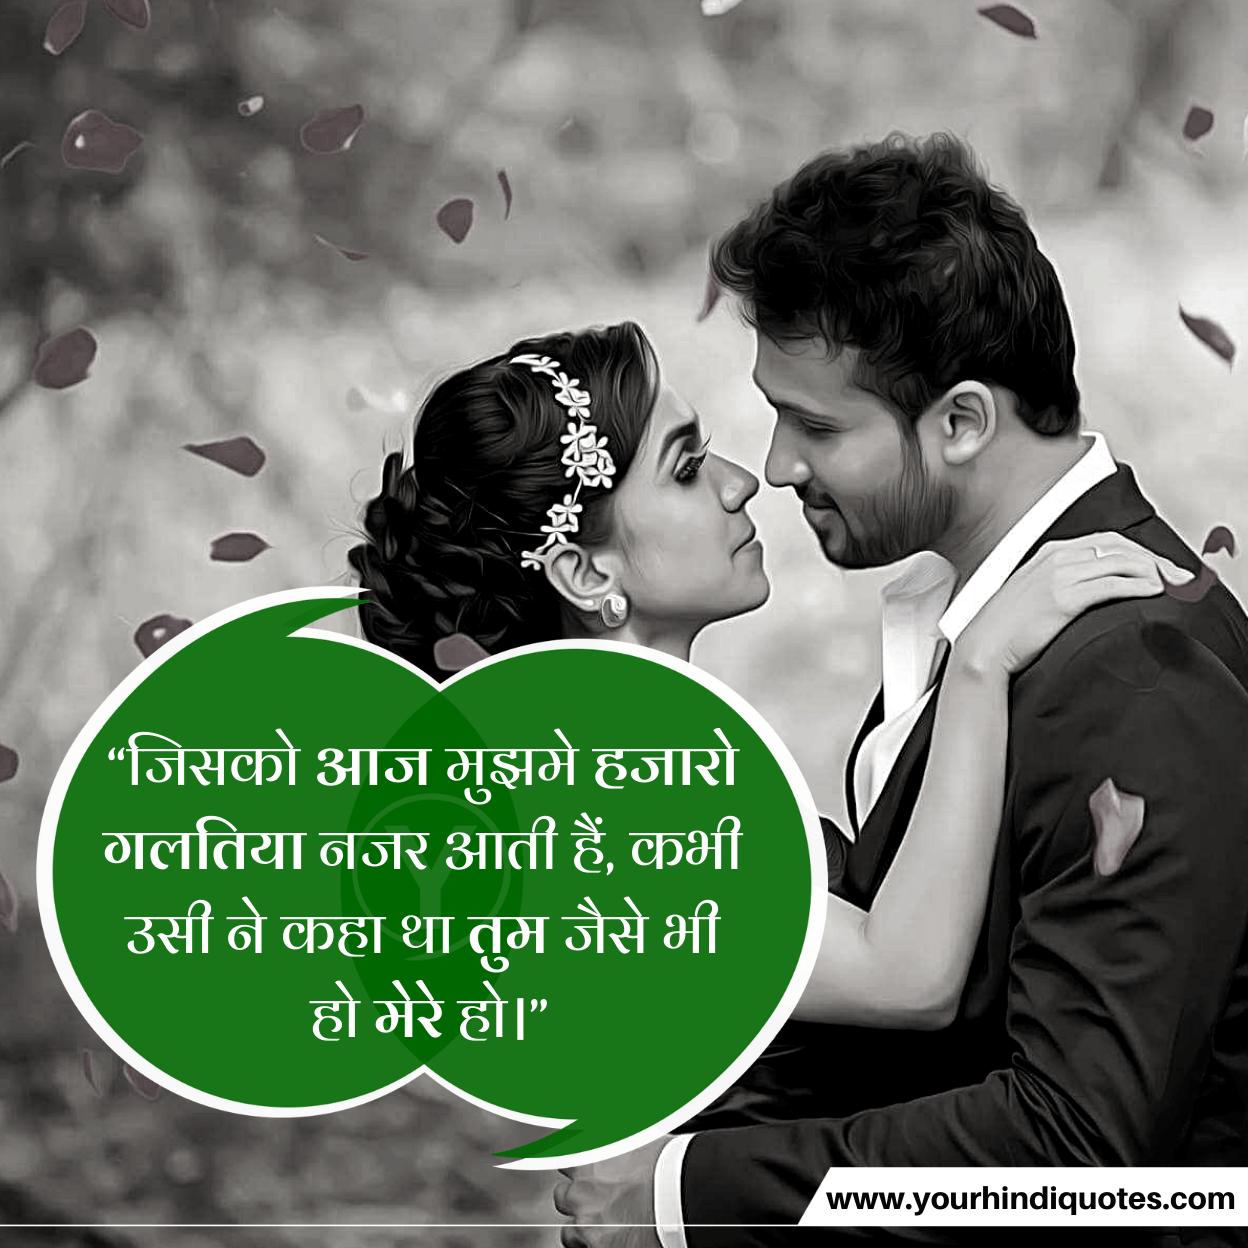 Hindi Sad Quotes Image